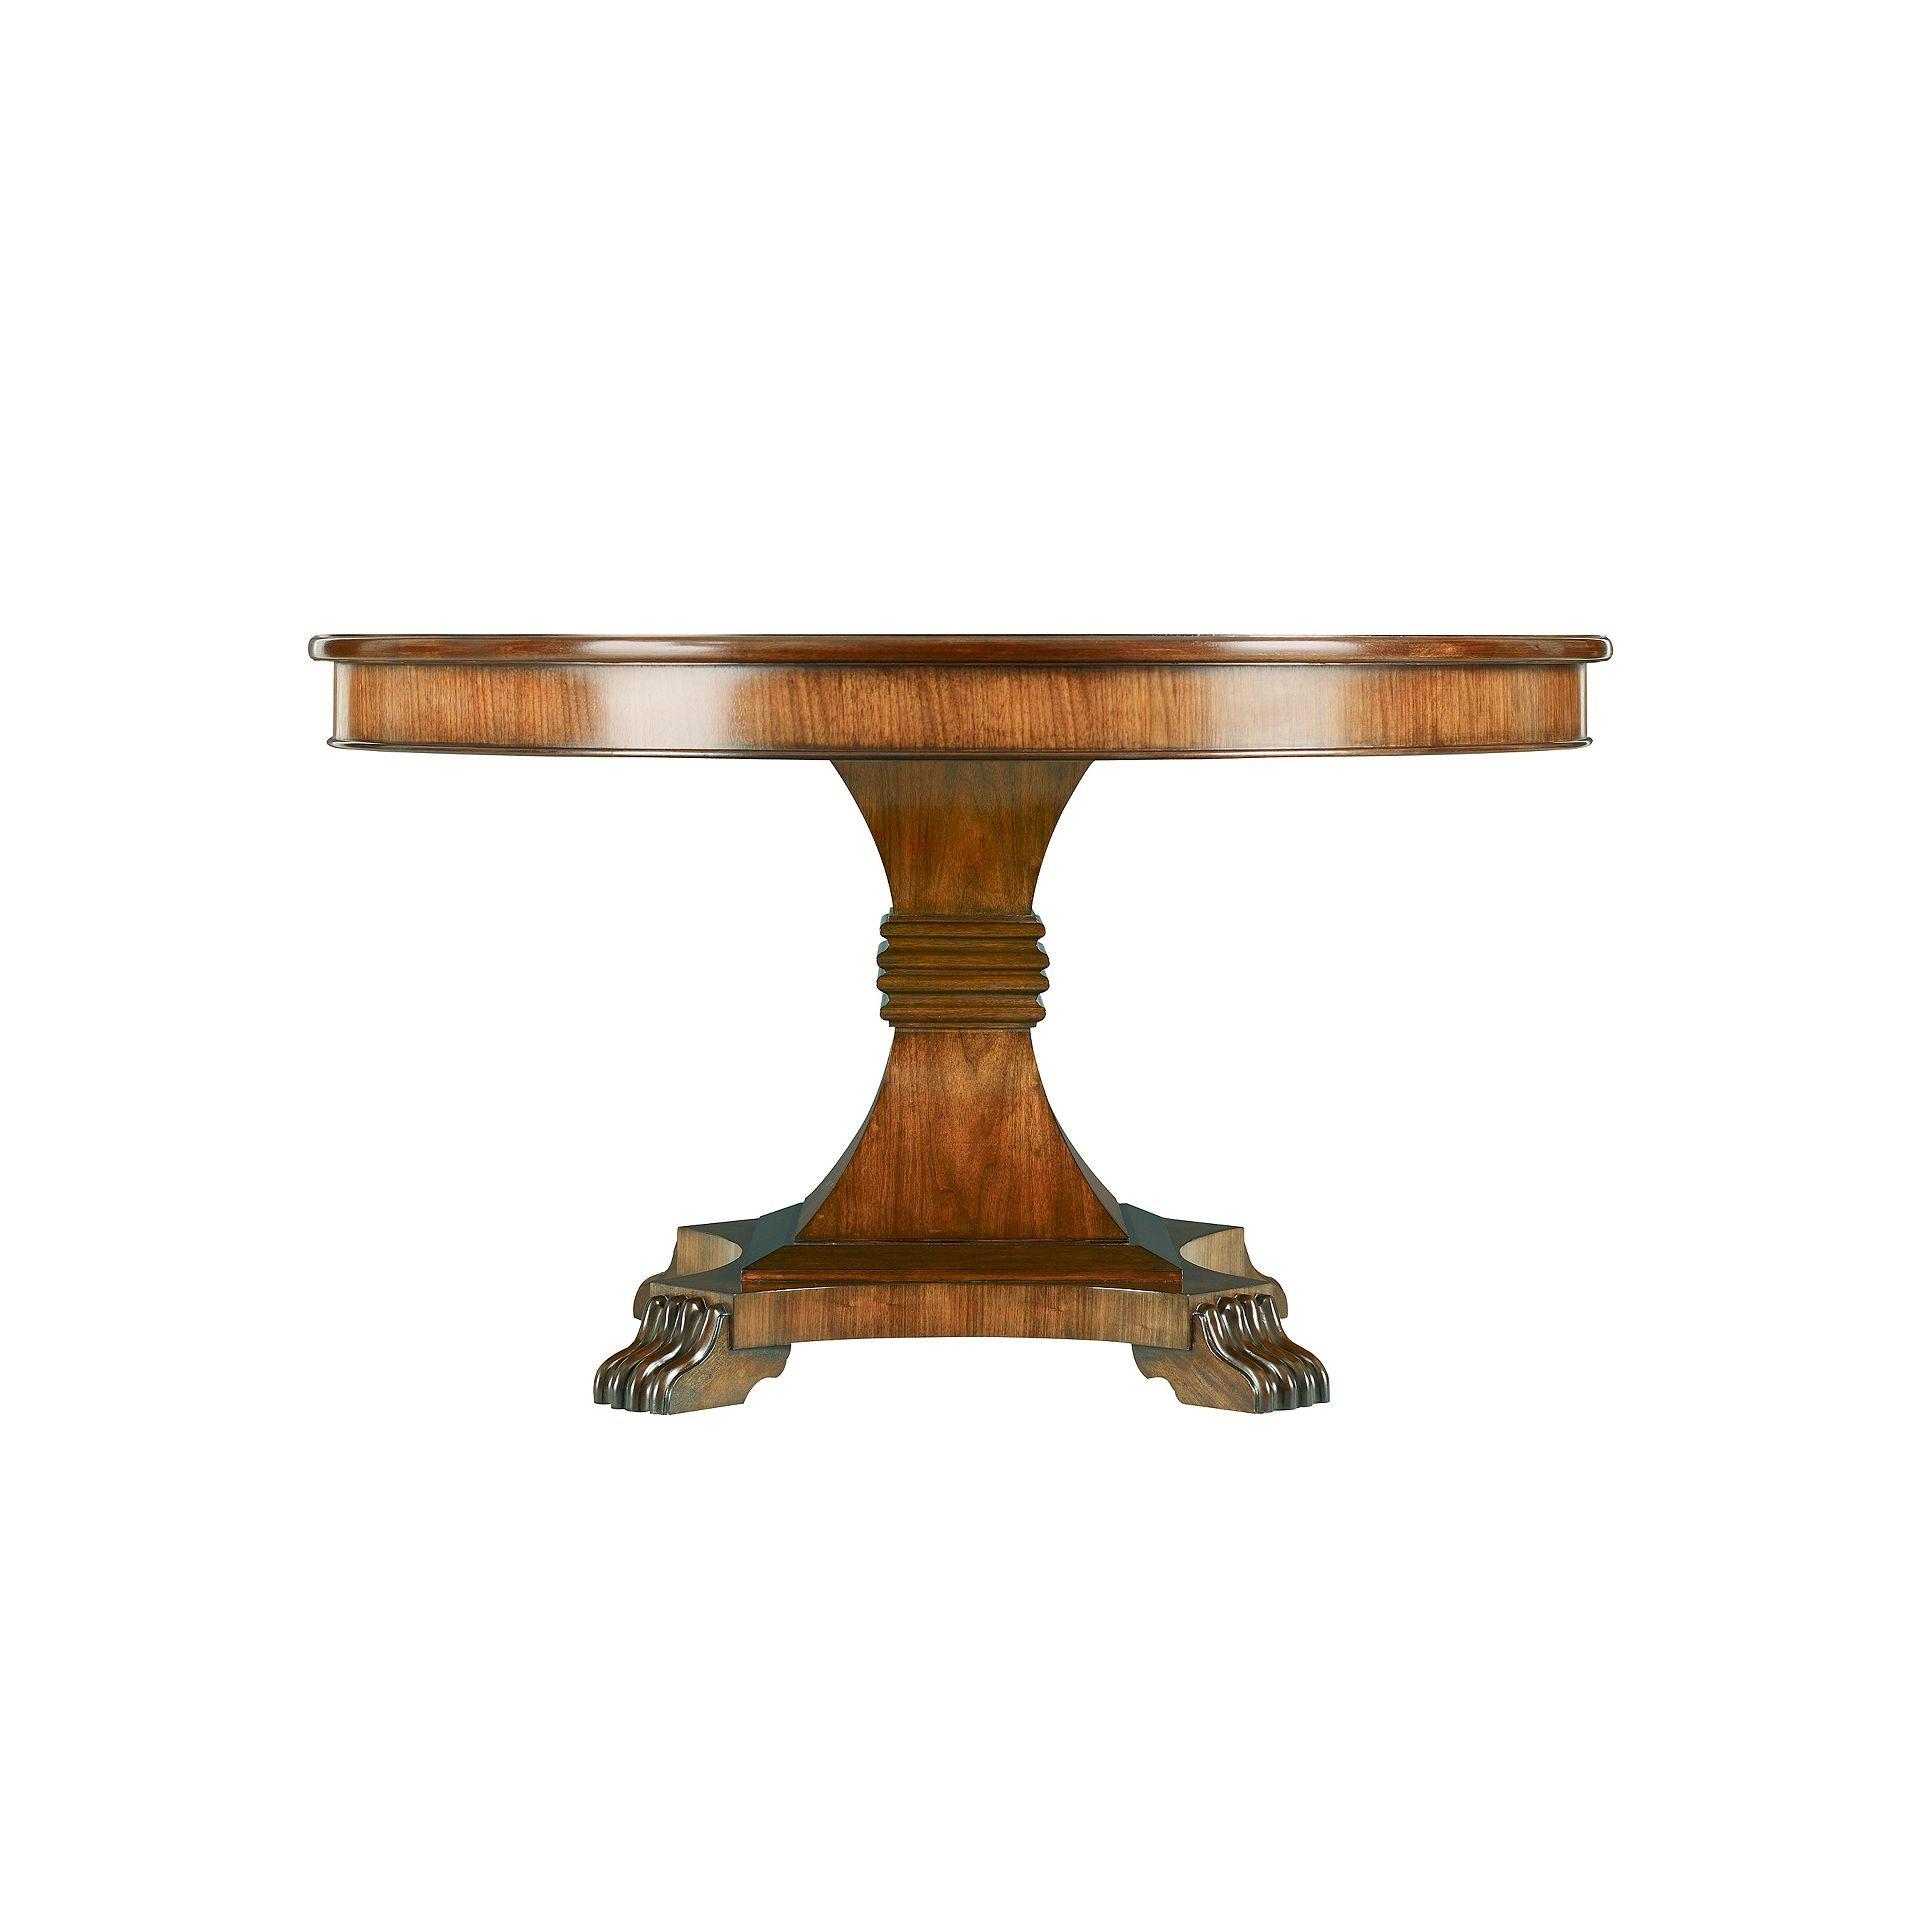 Henredon Furniture Celerie Kemble For Henredon Powers Dining Table 8201 20B  / 8201 20T